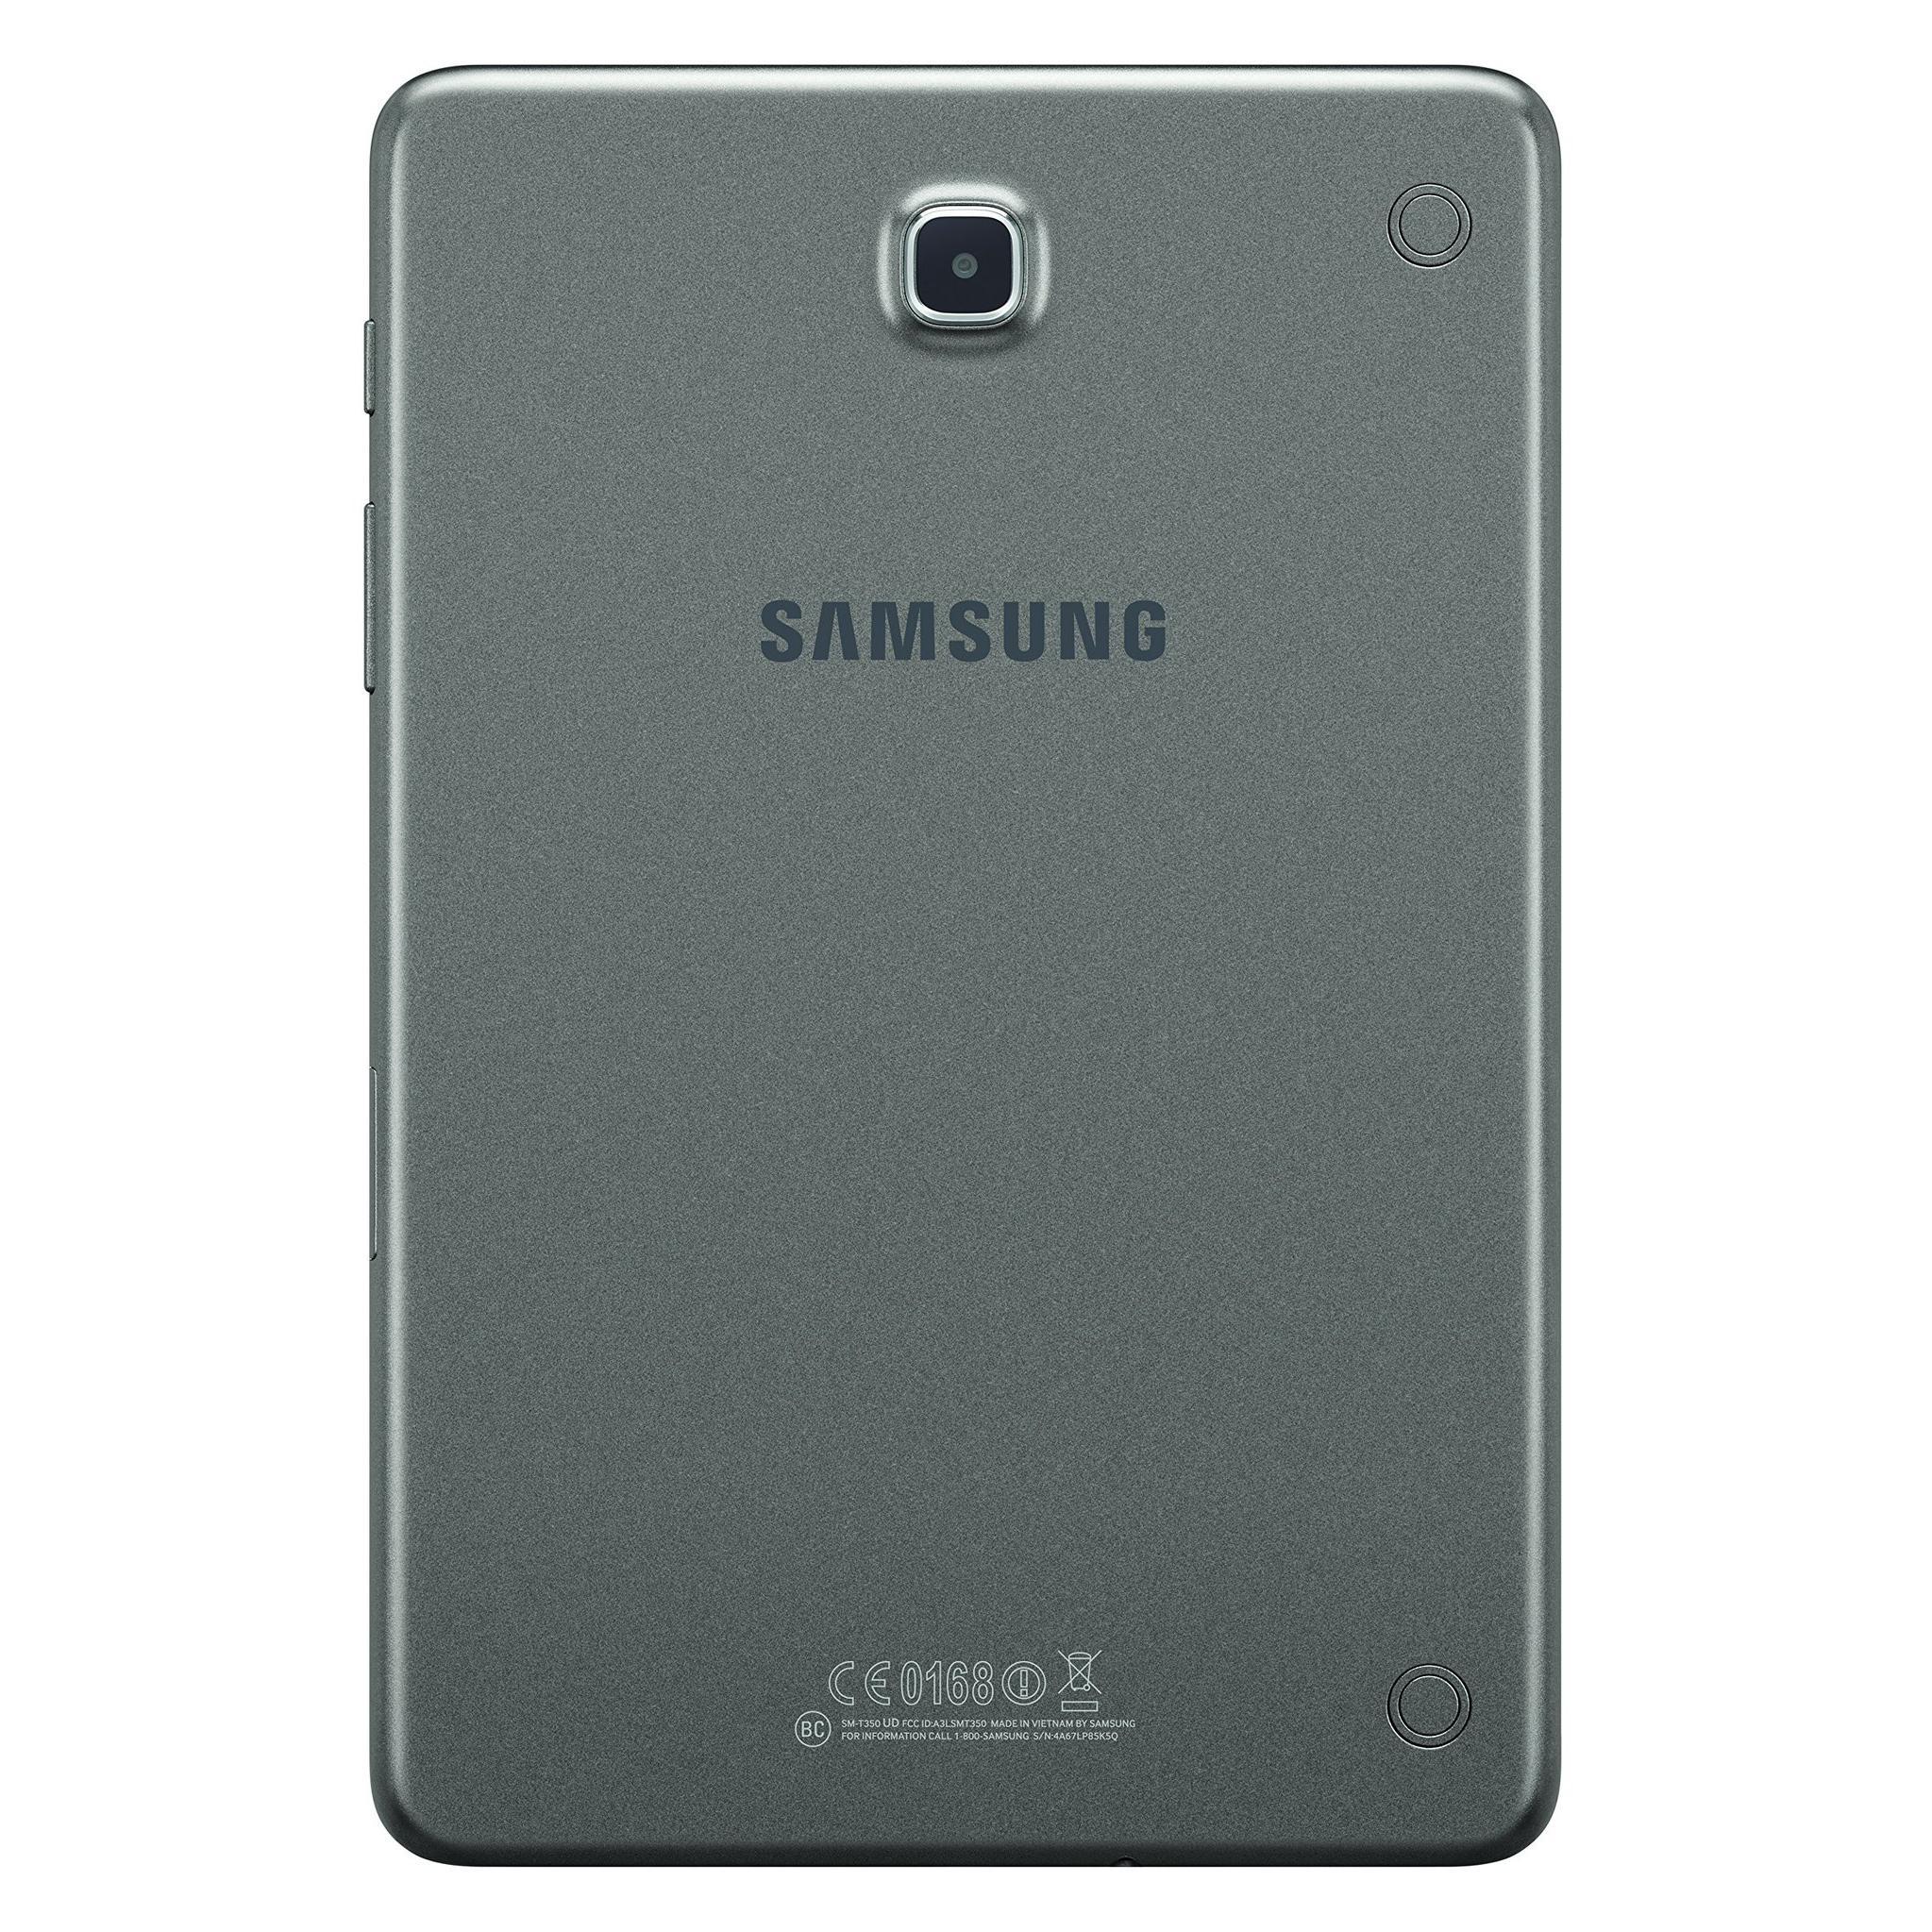 Galaxy Tab A (2015) - WiFi